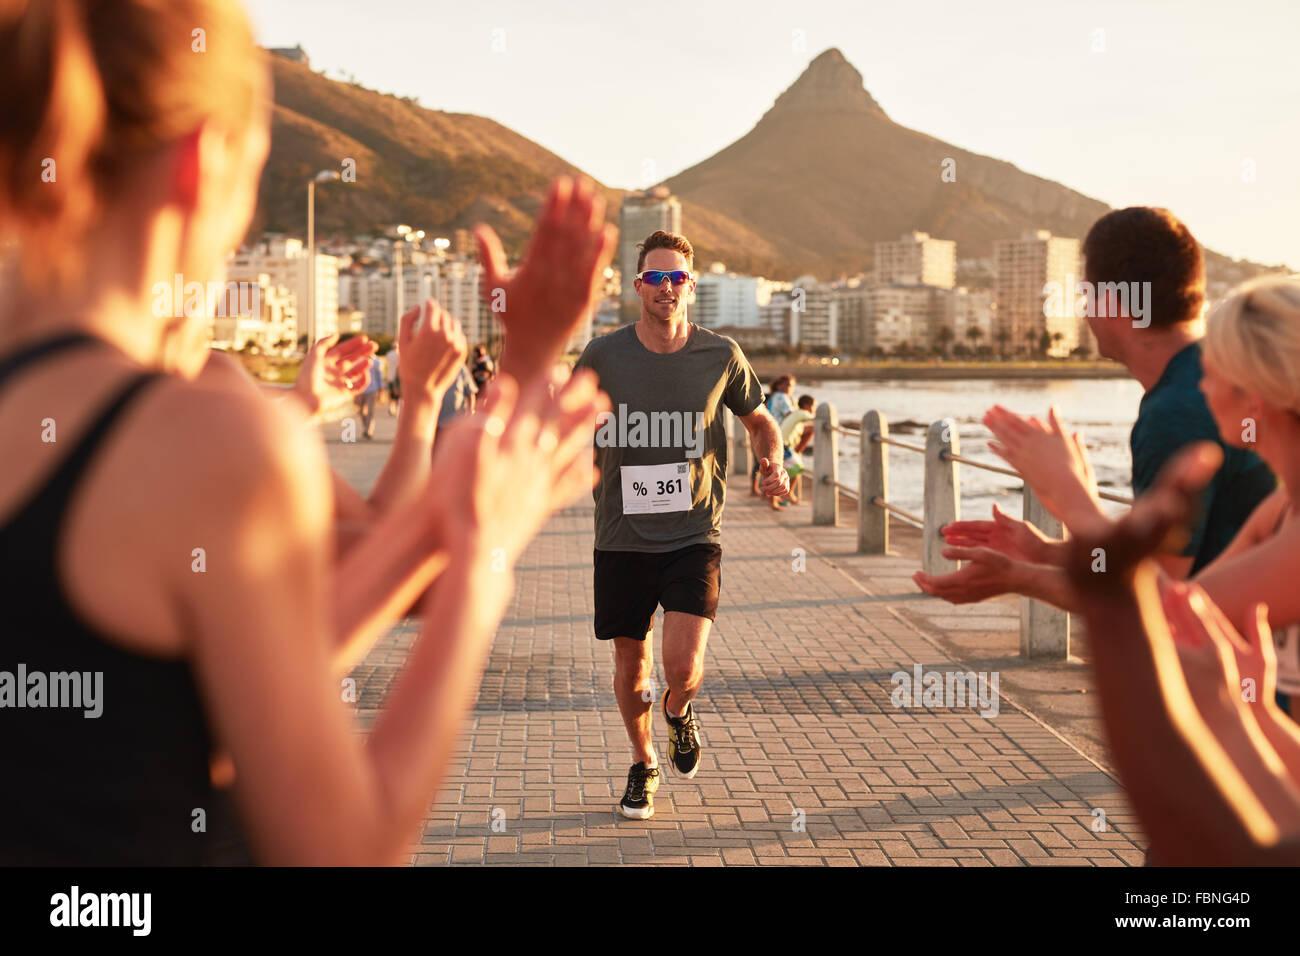 Les jeunes d'être l'athlète masculin applaudi par les partisans qu'il atteint la ligne d'arrivée Photo Stock